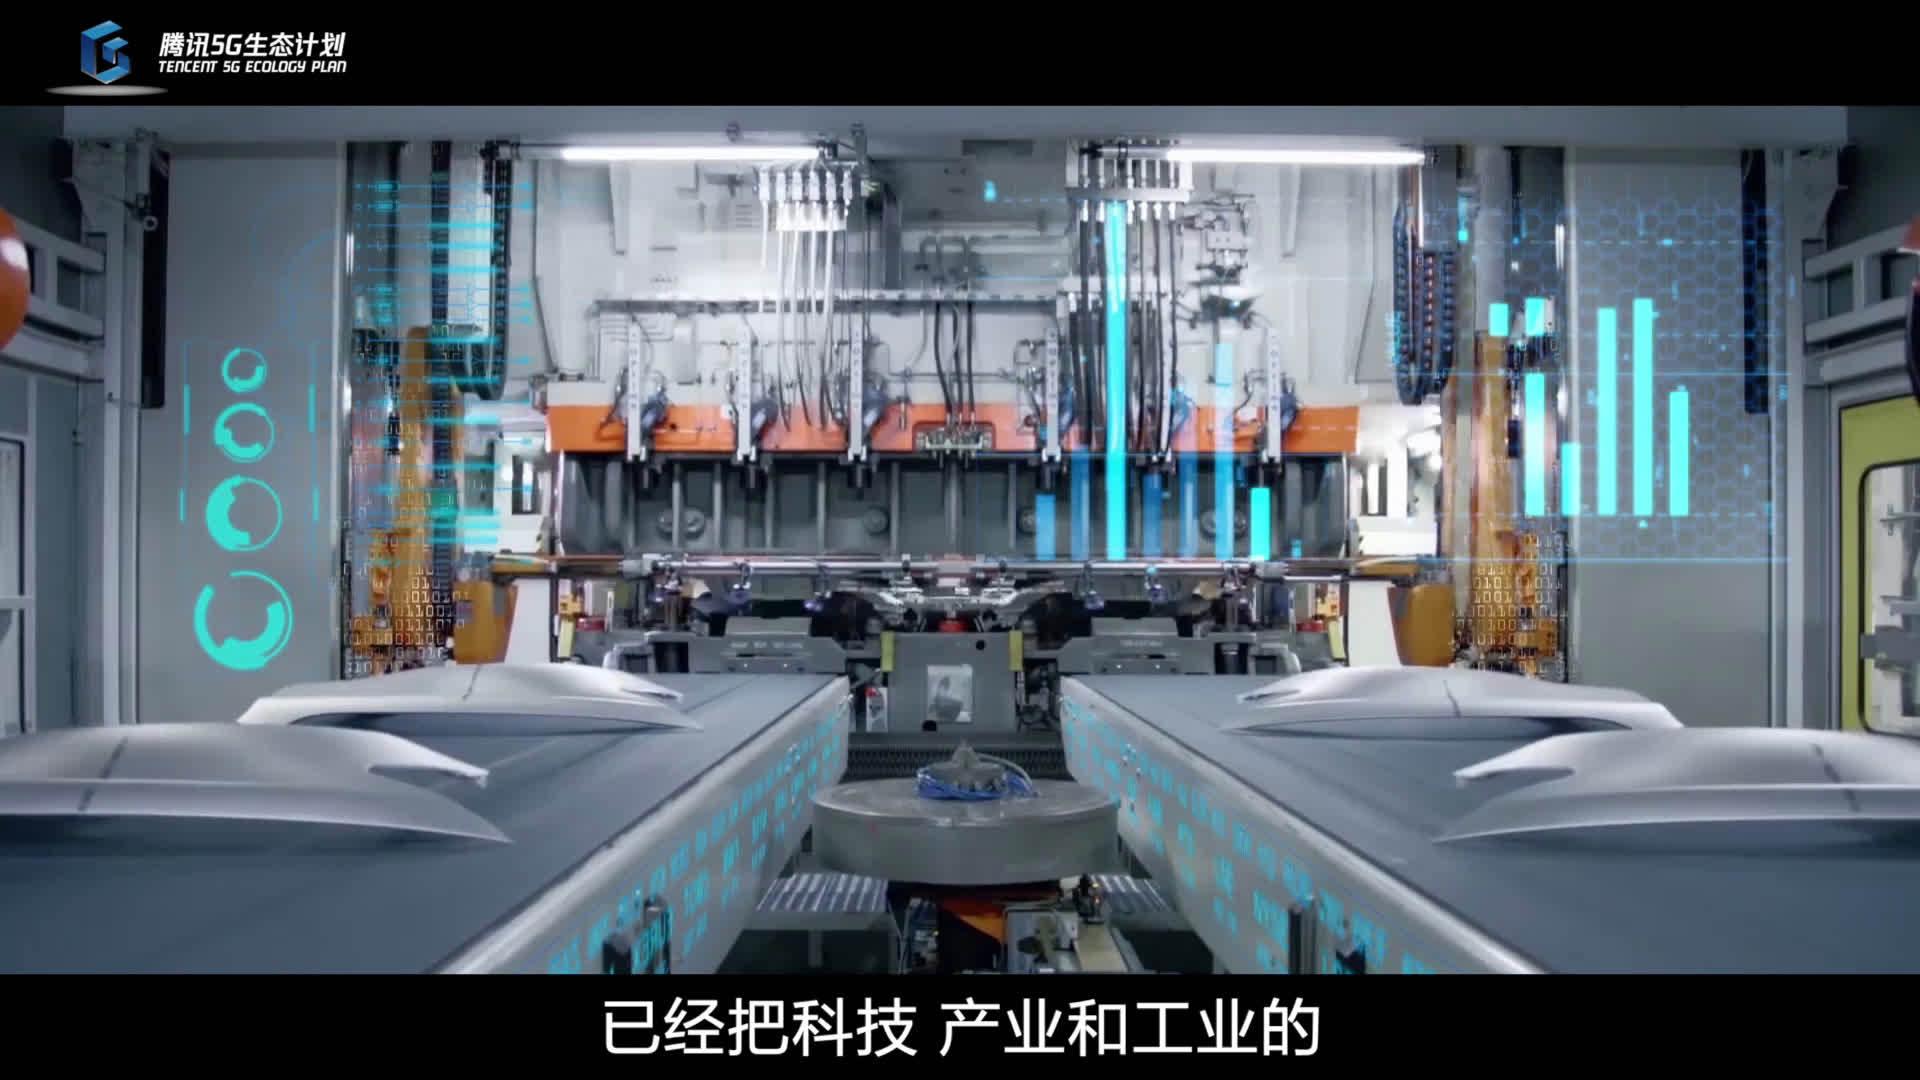 中国是制造业大国吗?与德国相比,我们差在哪儿?